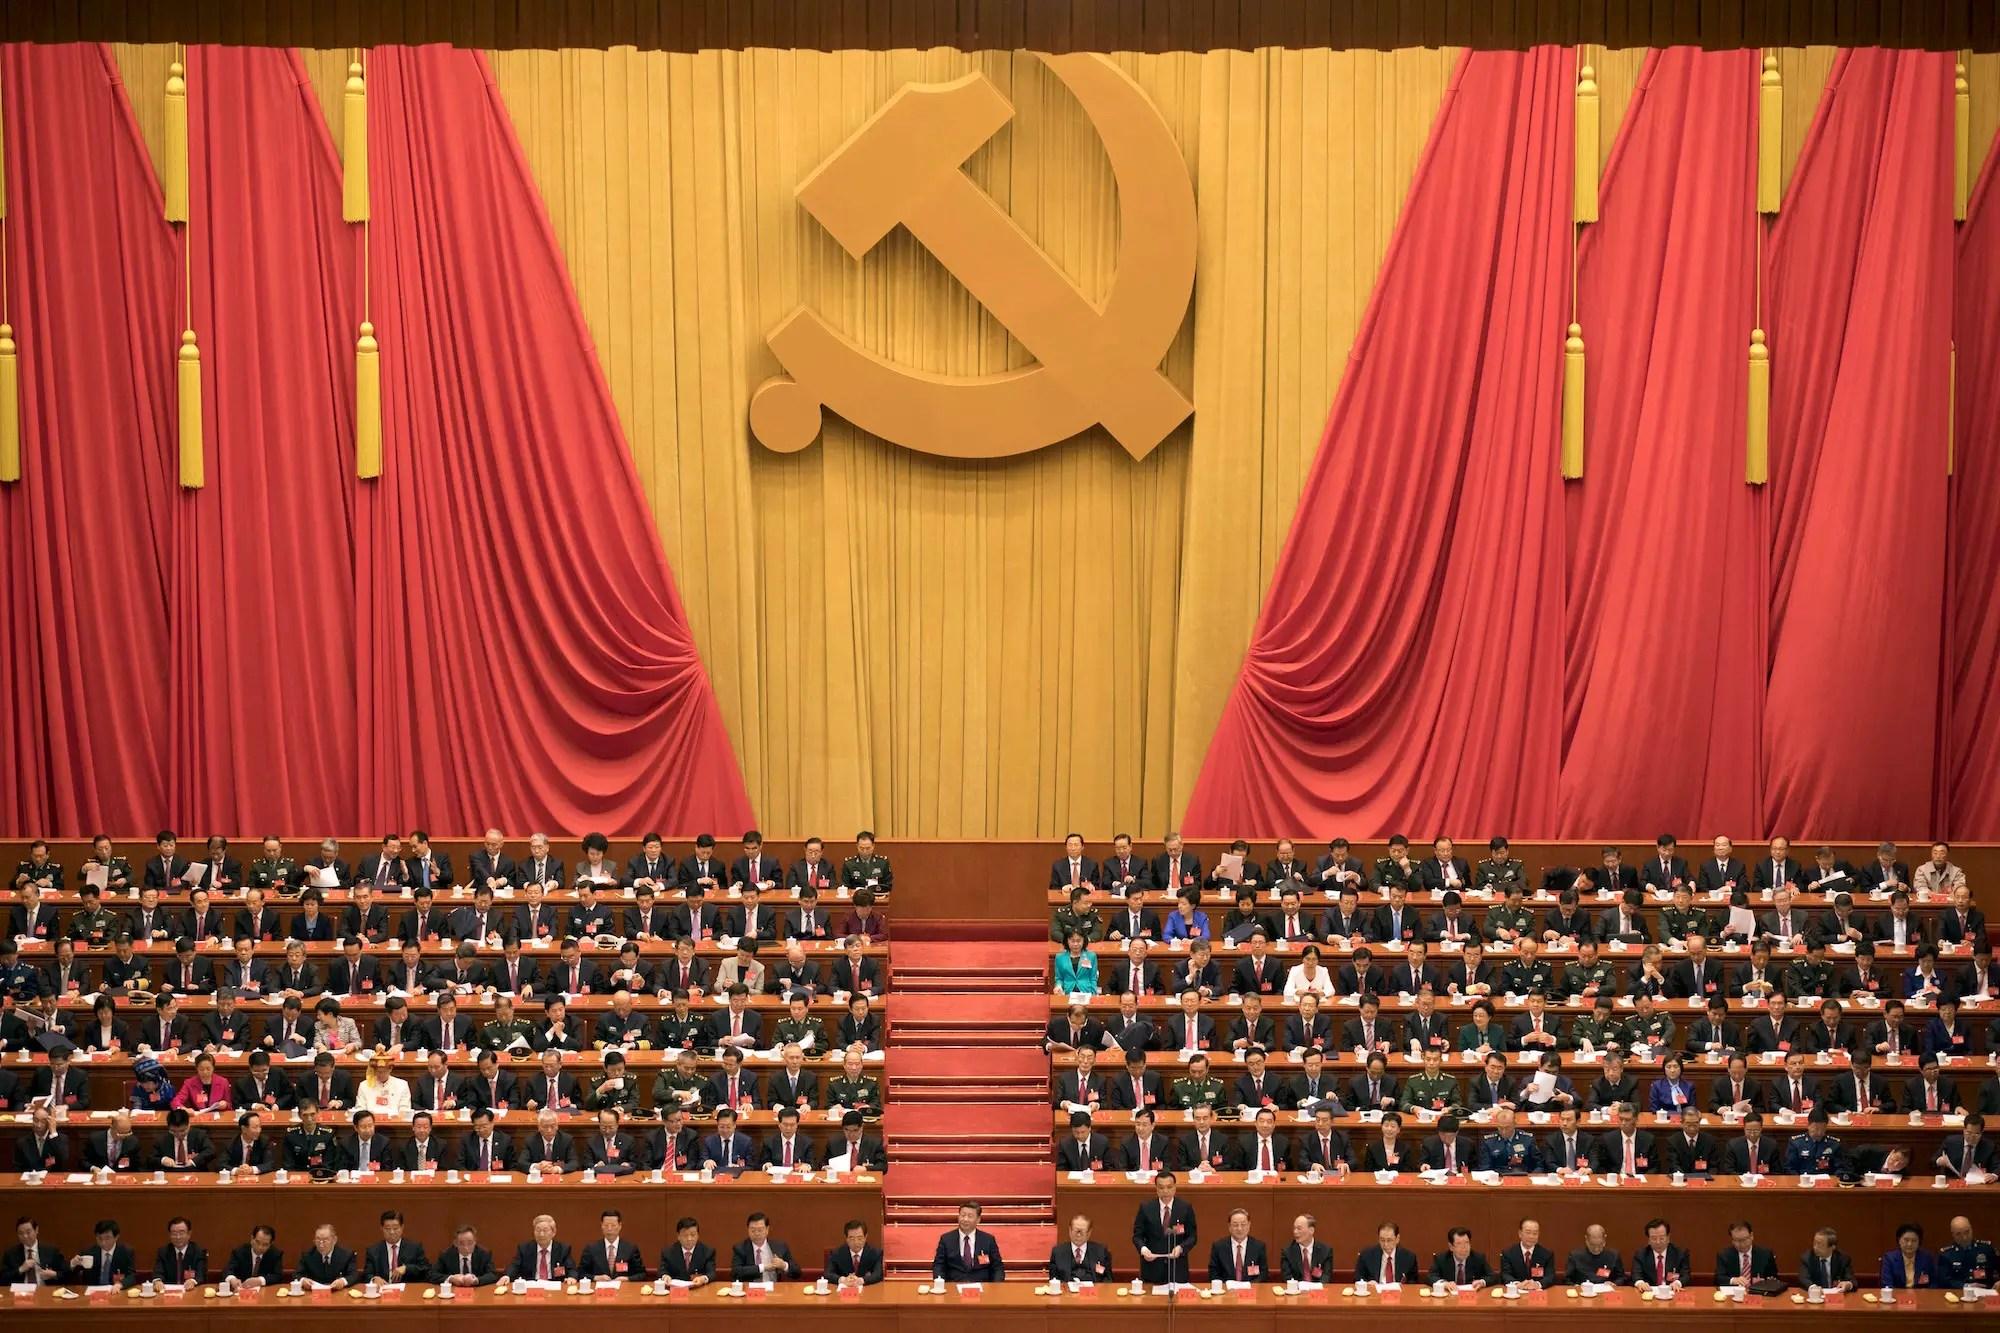 Xi Jinping congress china